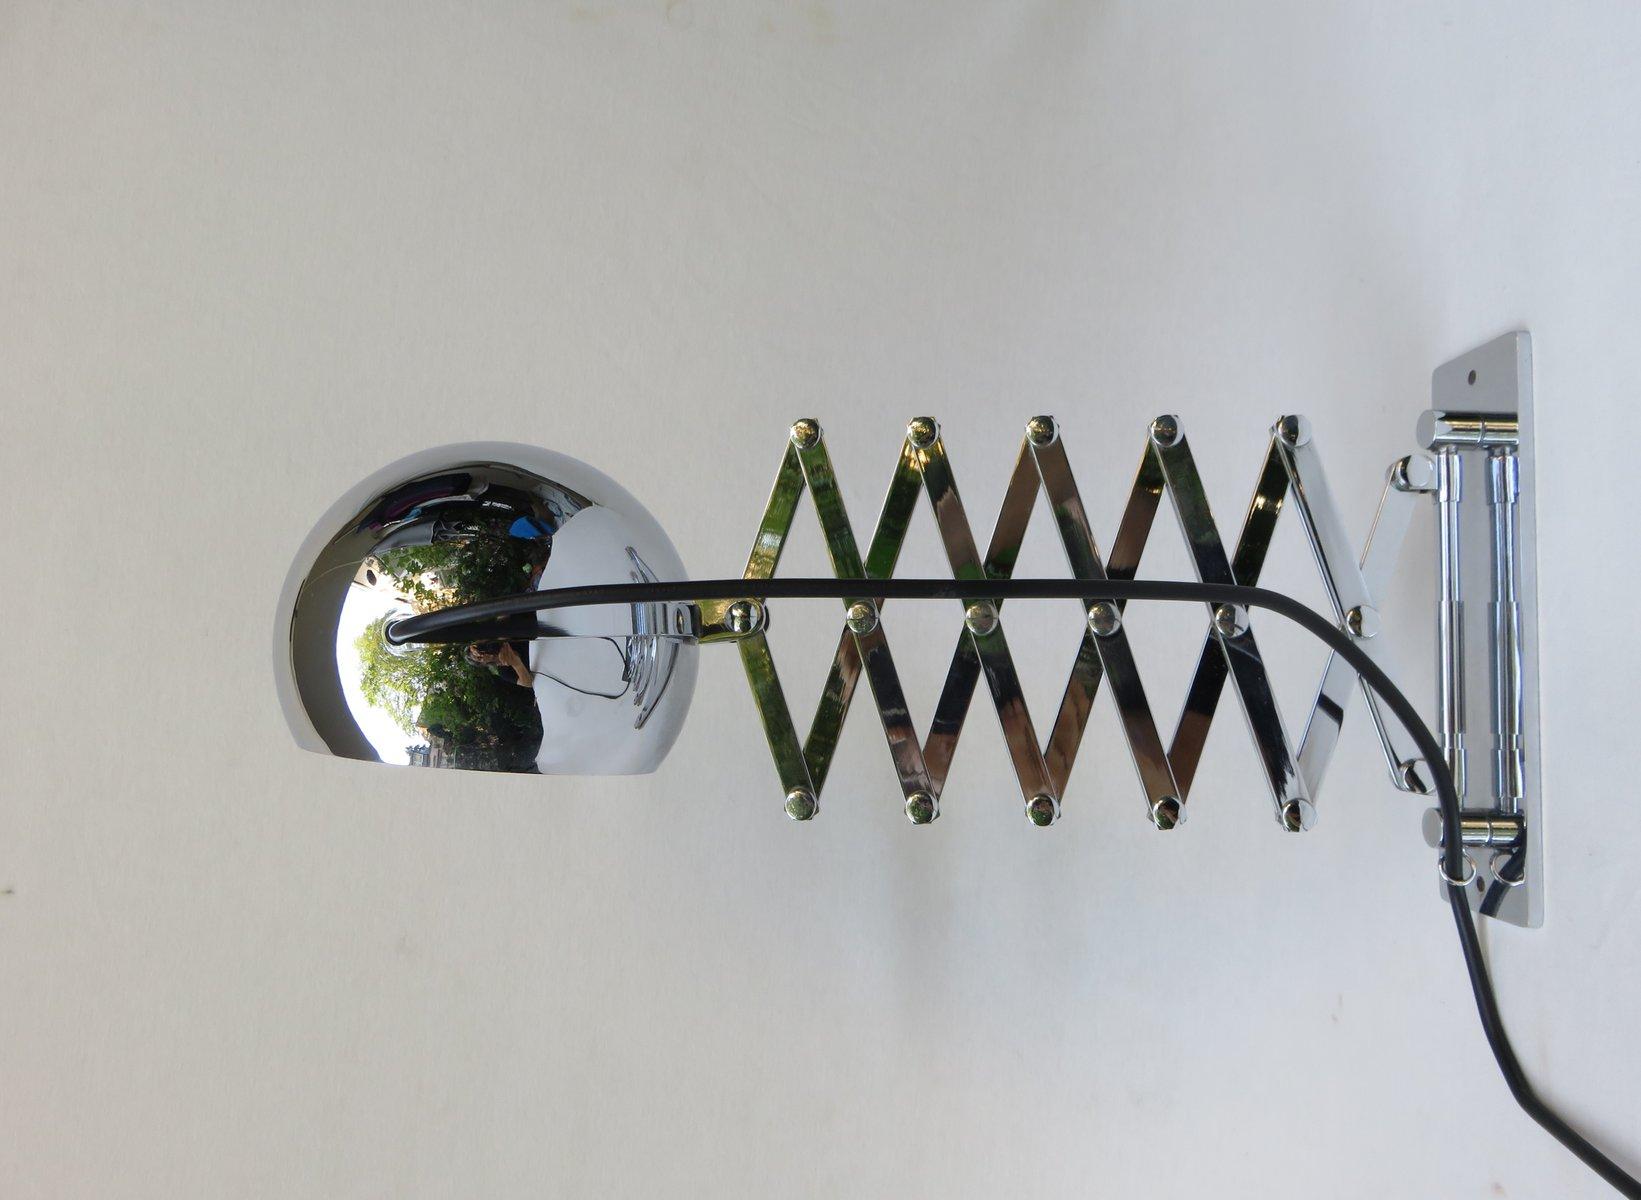 Scherenlampe von Dorothee Becker & Ingo Maurer für Design M, 1968